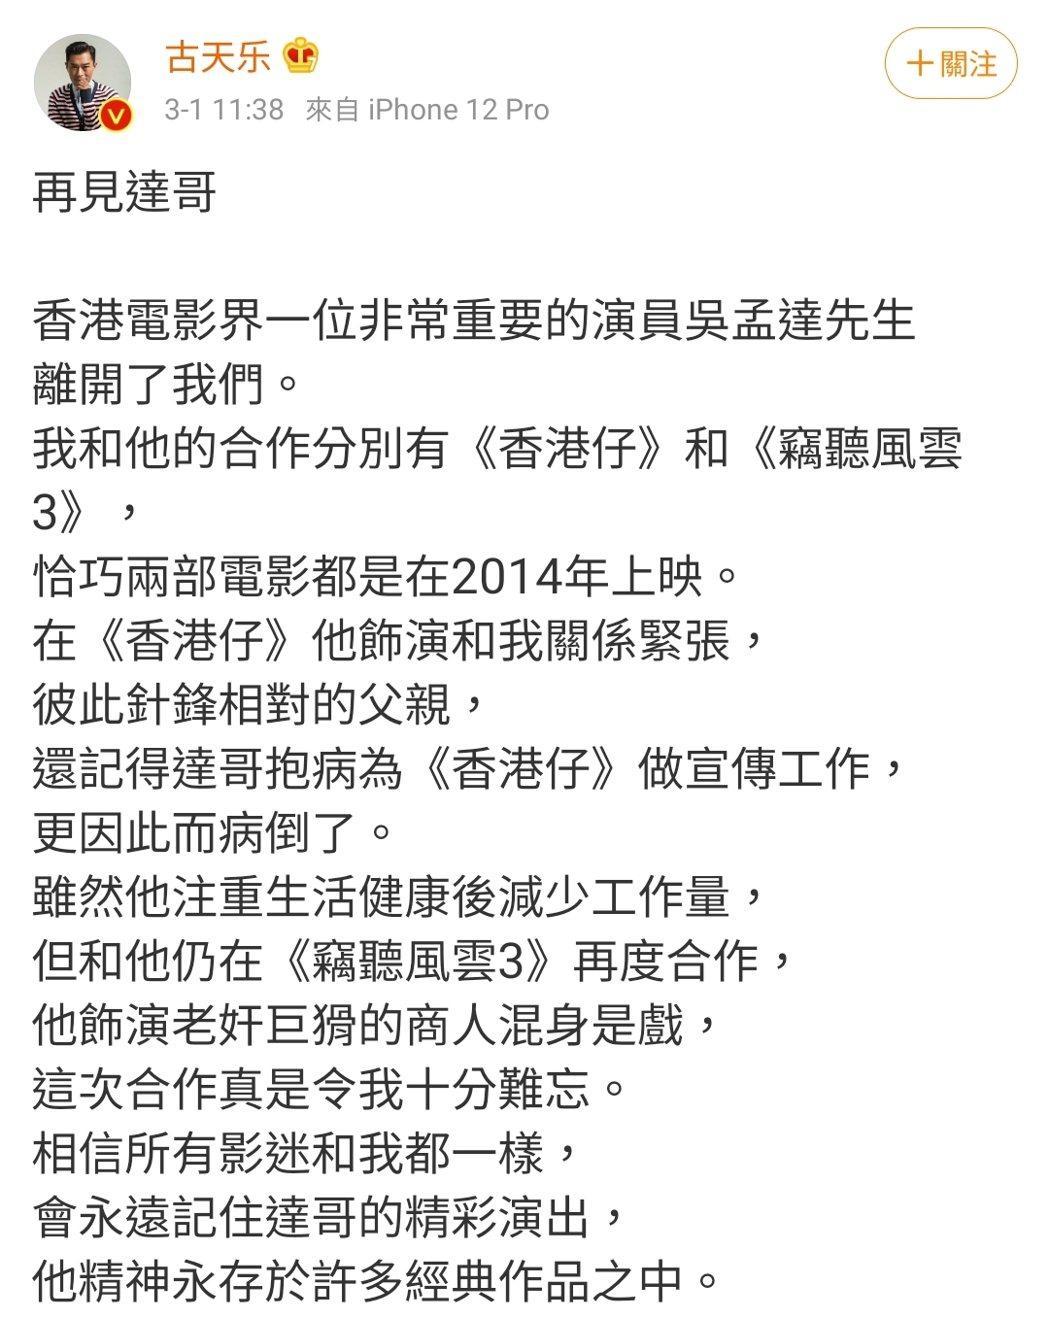 古天樂發文哀悼吳孟達。 圖/擷自古天樂微博